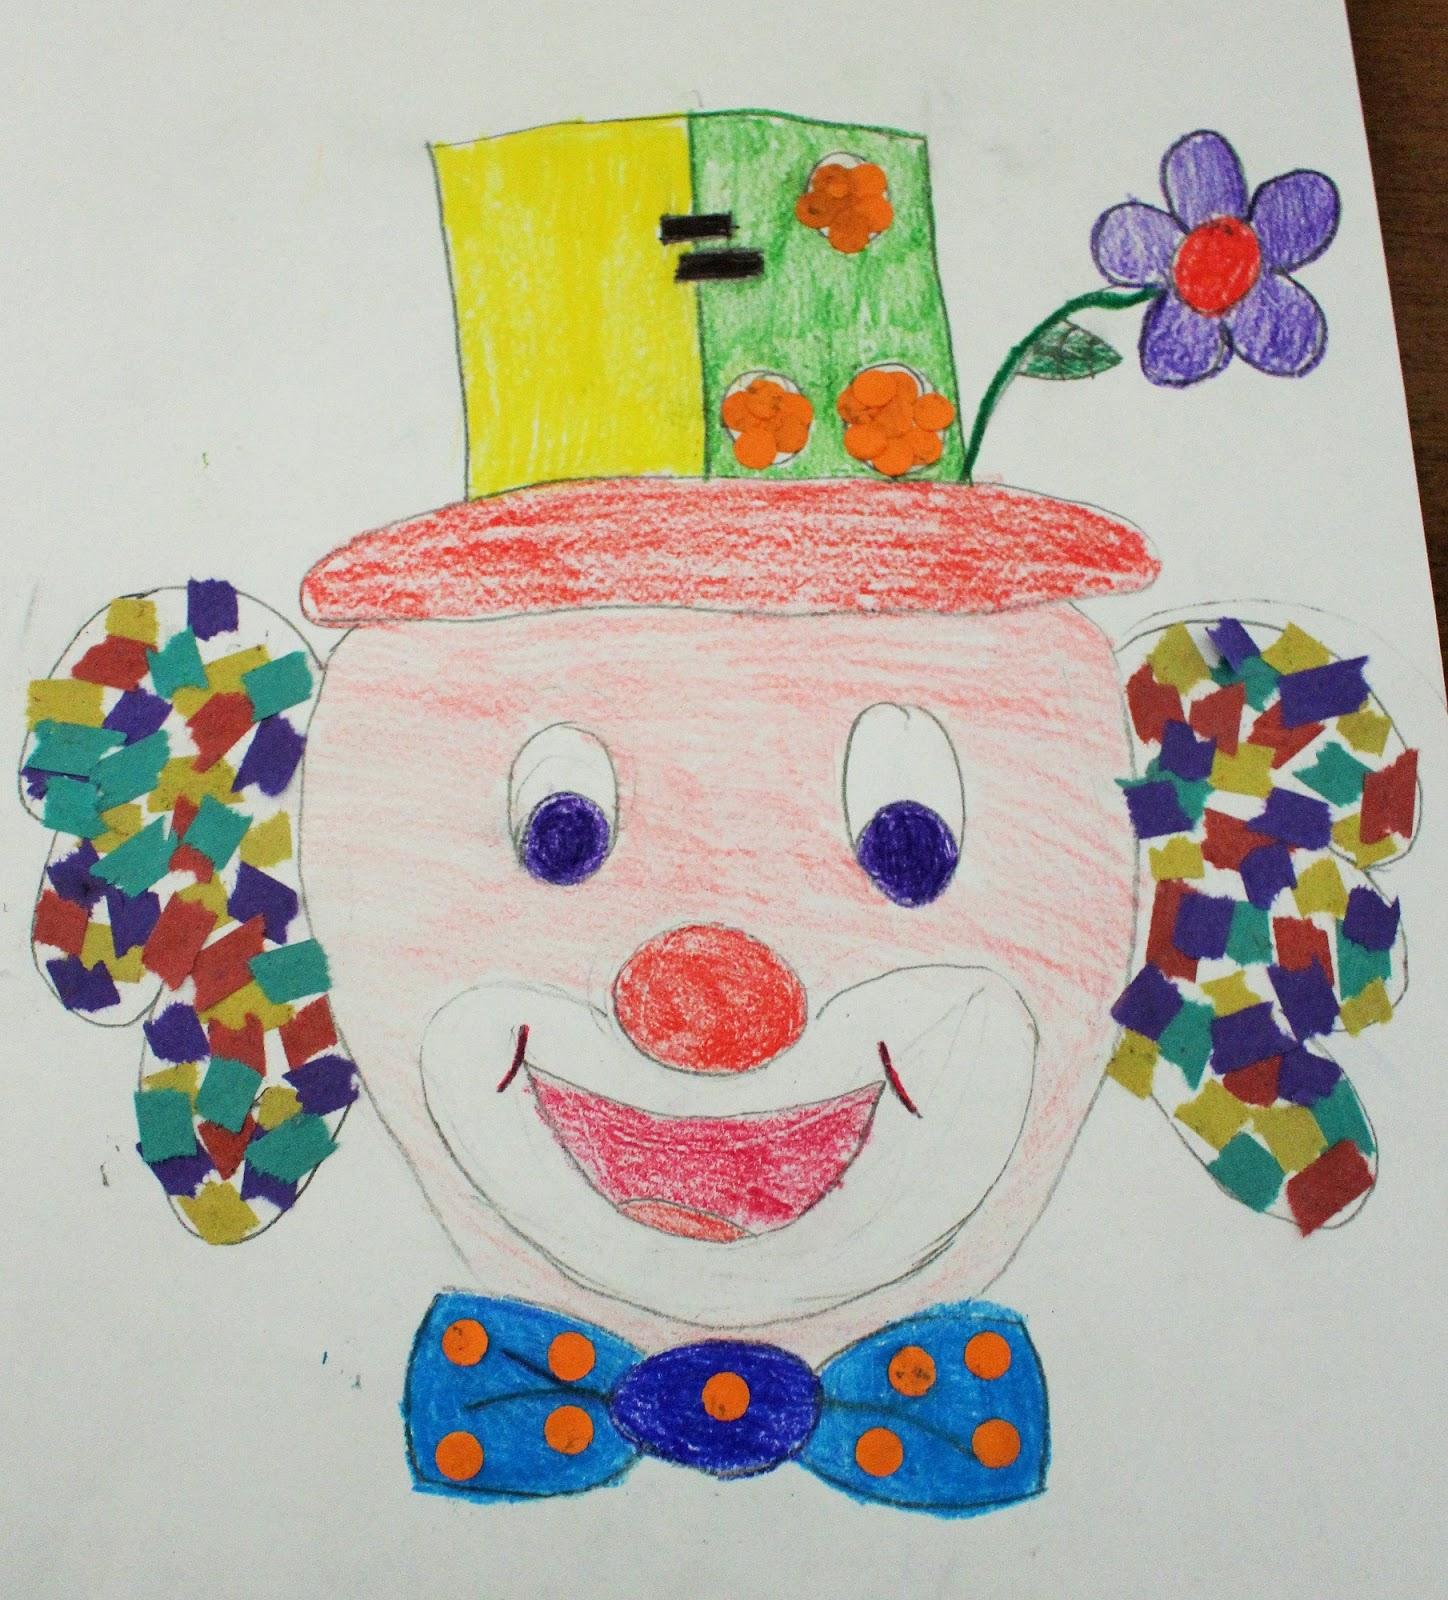 Mamma gioca pagliaccio collage for Pagliaccio da disegnare